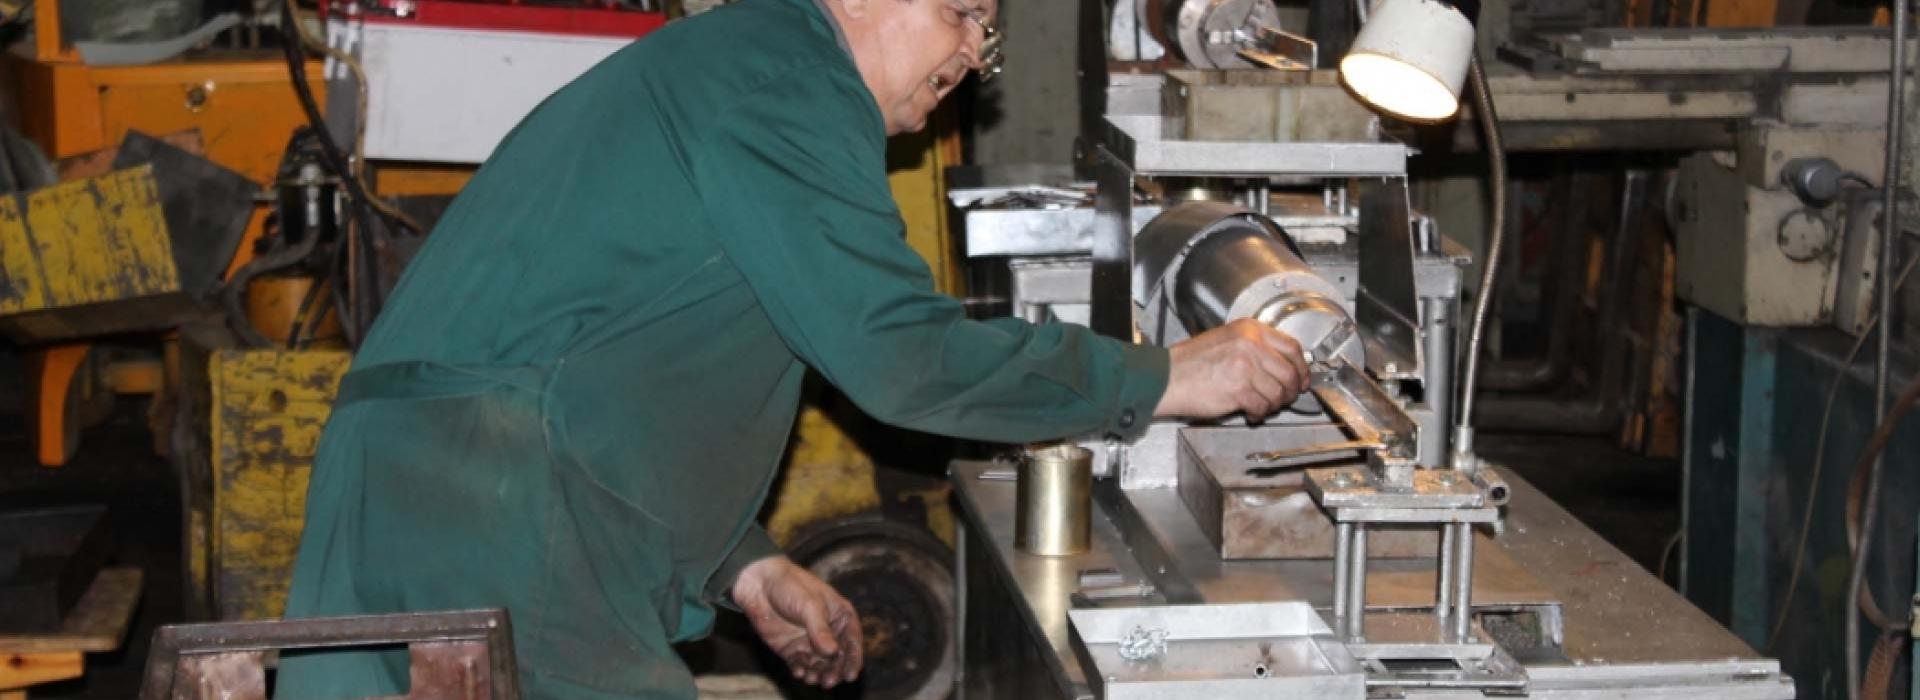 Выполним токарные и фрезерные работы в Новосибирске и области